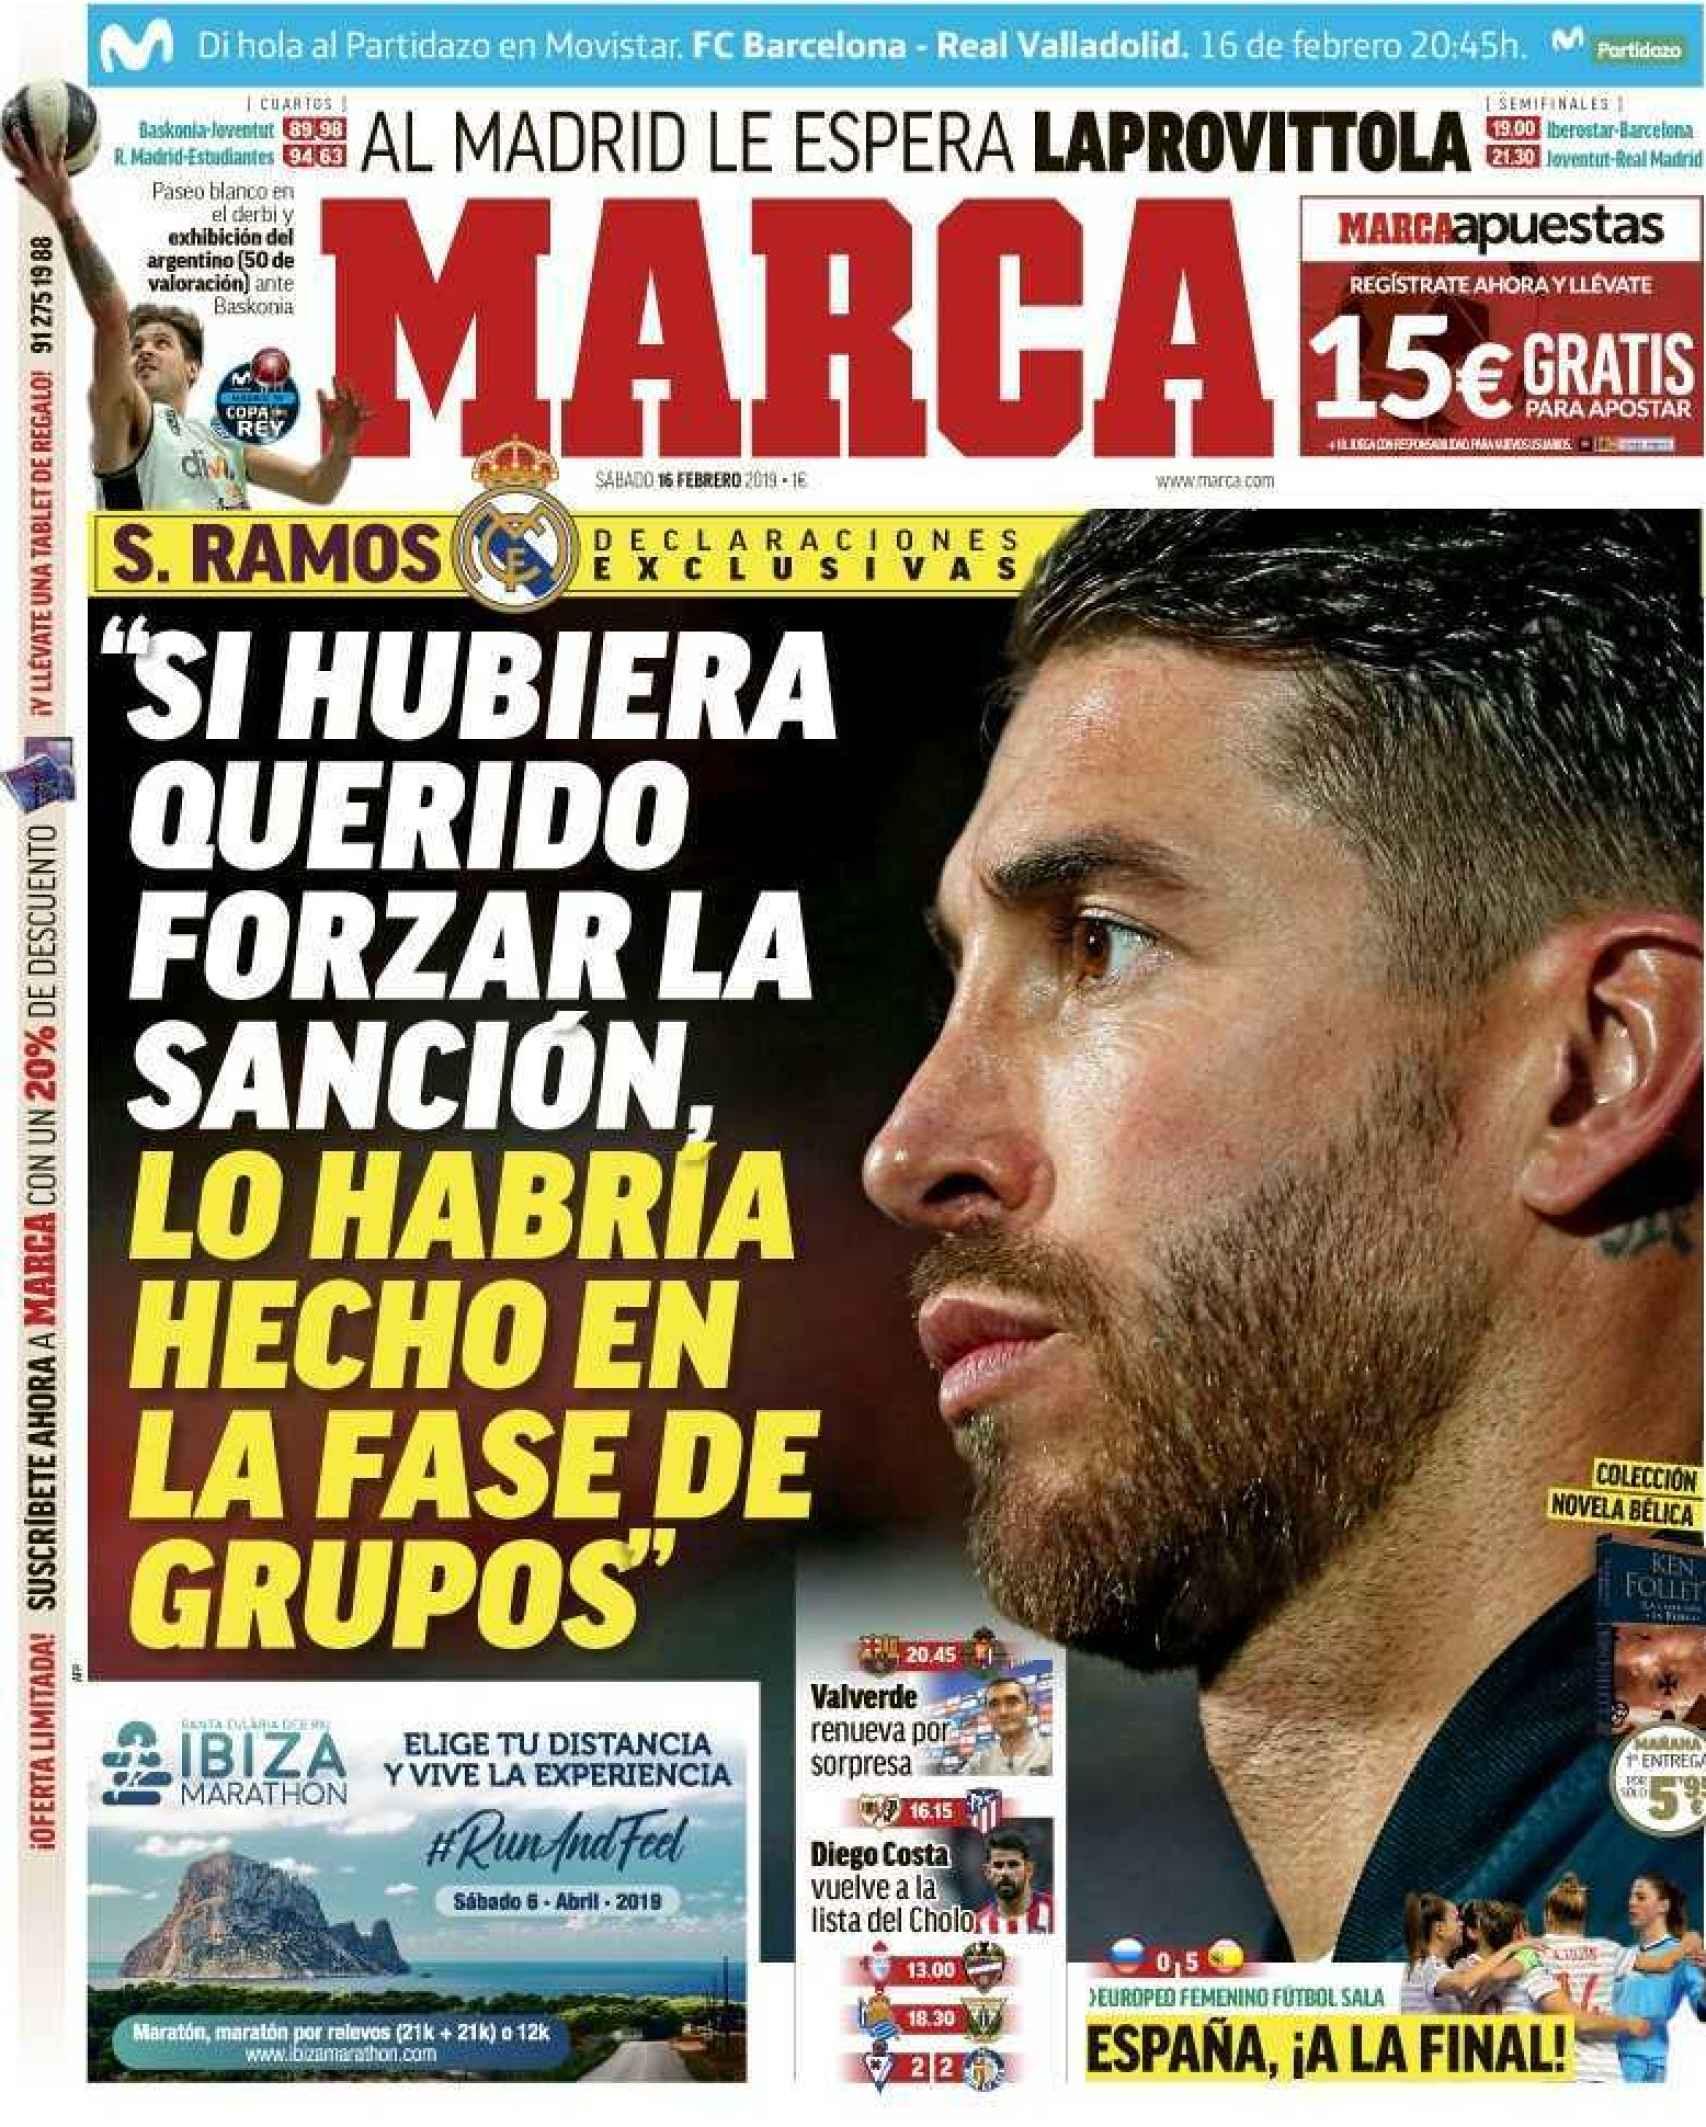 La portada del diario MARCA (16/02/2019)